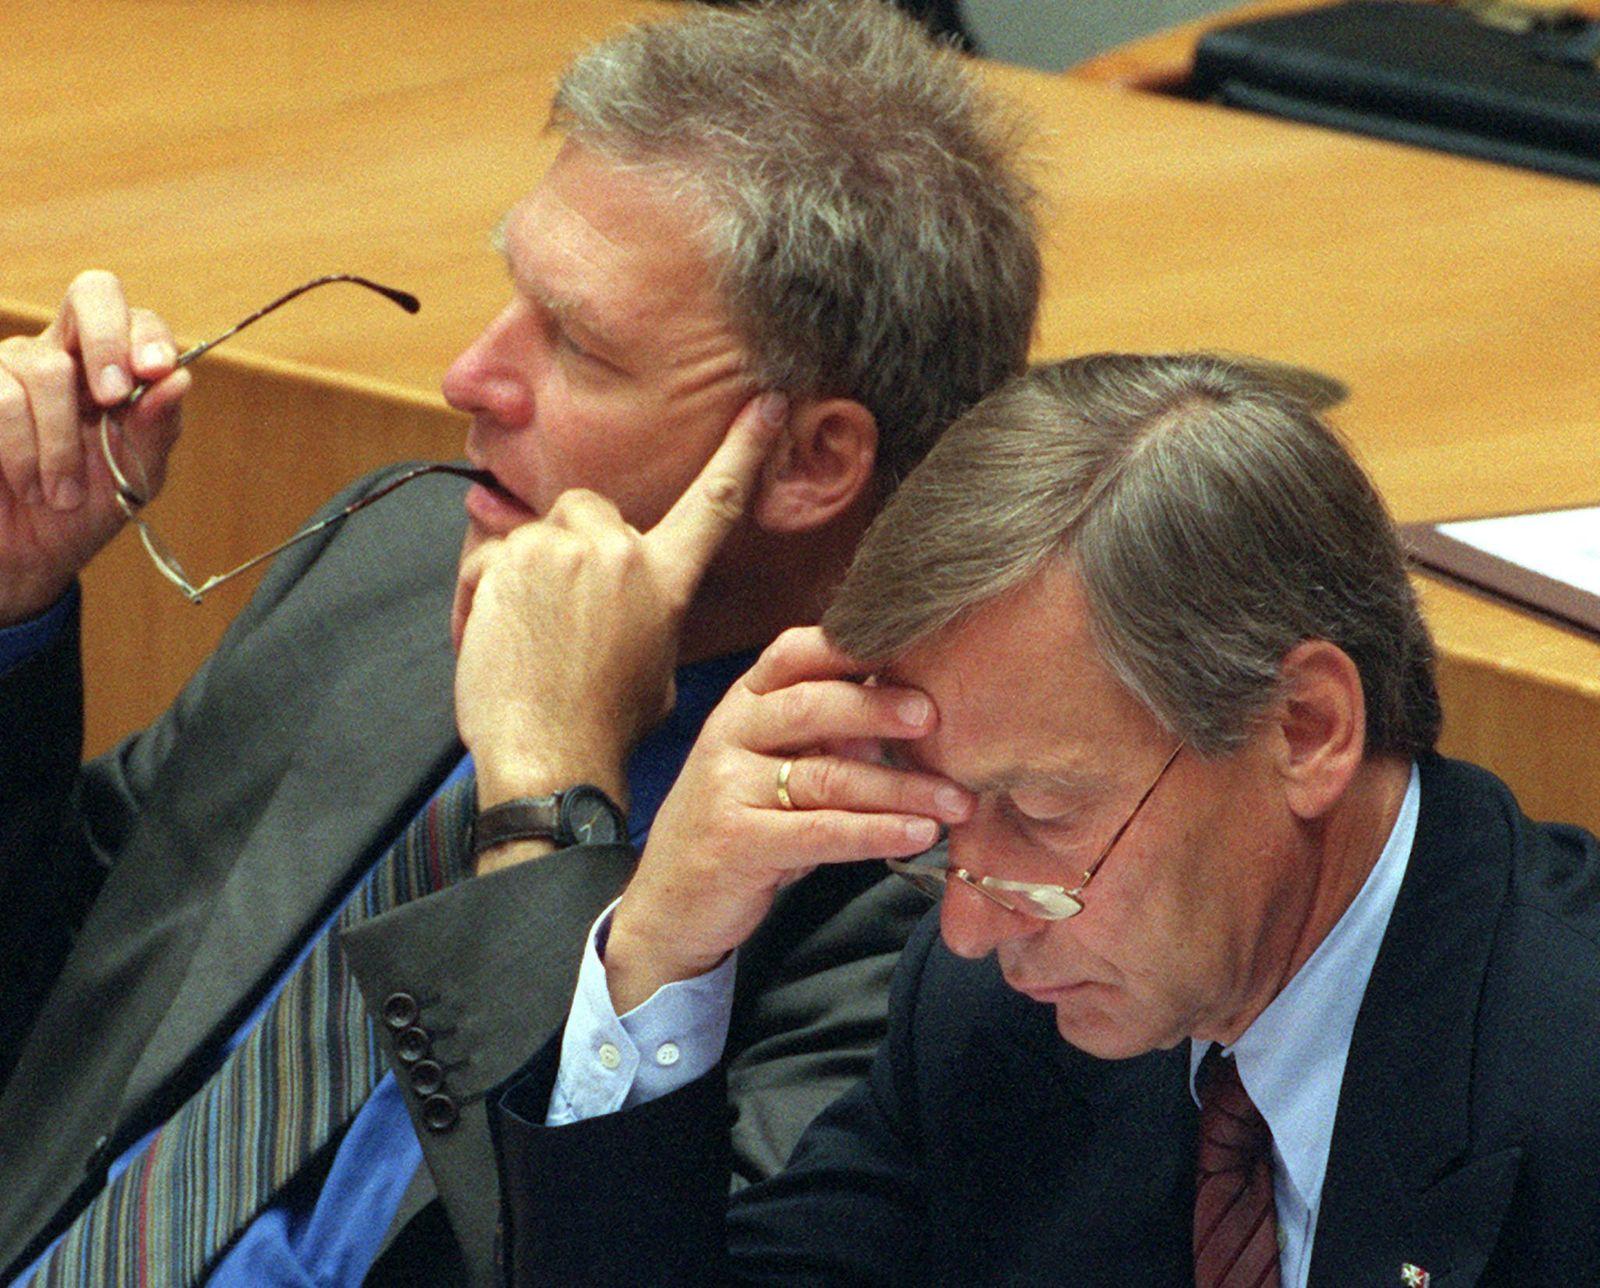 NRW-Haushaltsdebatte Clement Vesper